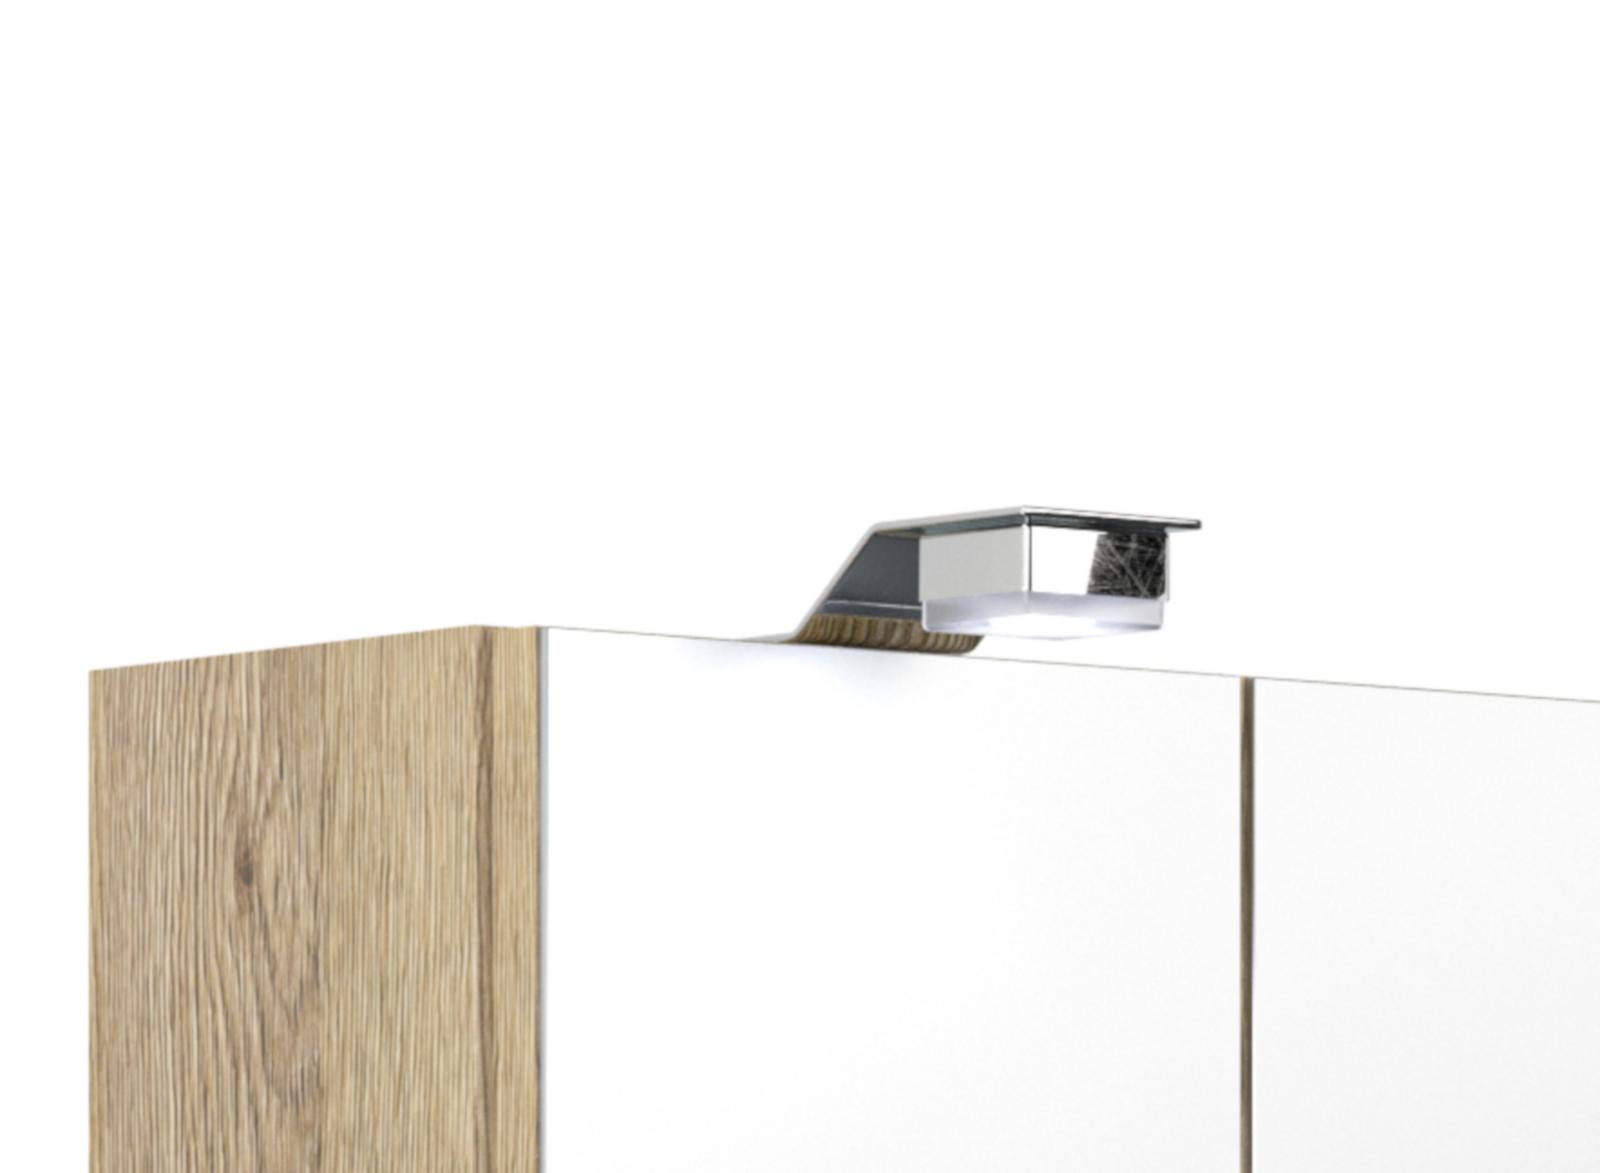 Badmöbel spiegelschrank  Badmöbel Spiegelschrank Salona Sonoma-Eiche-weiß